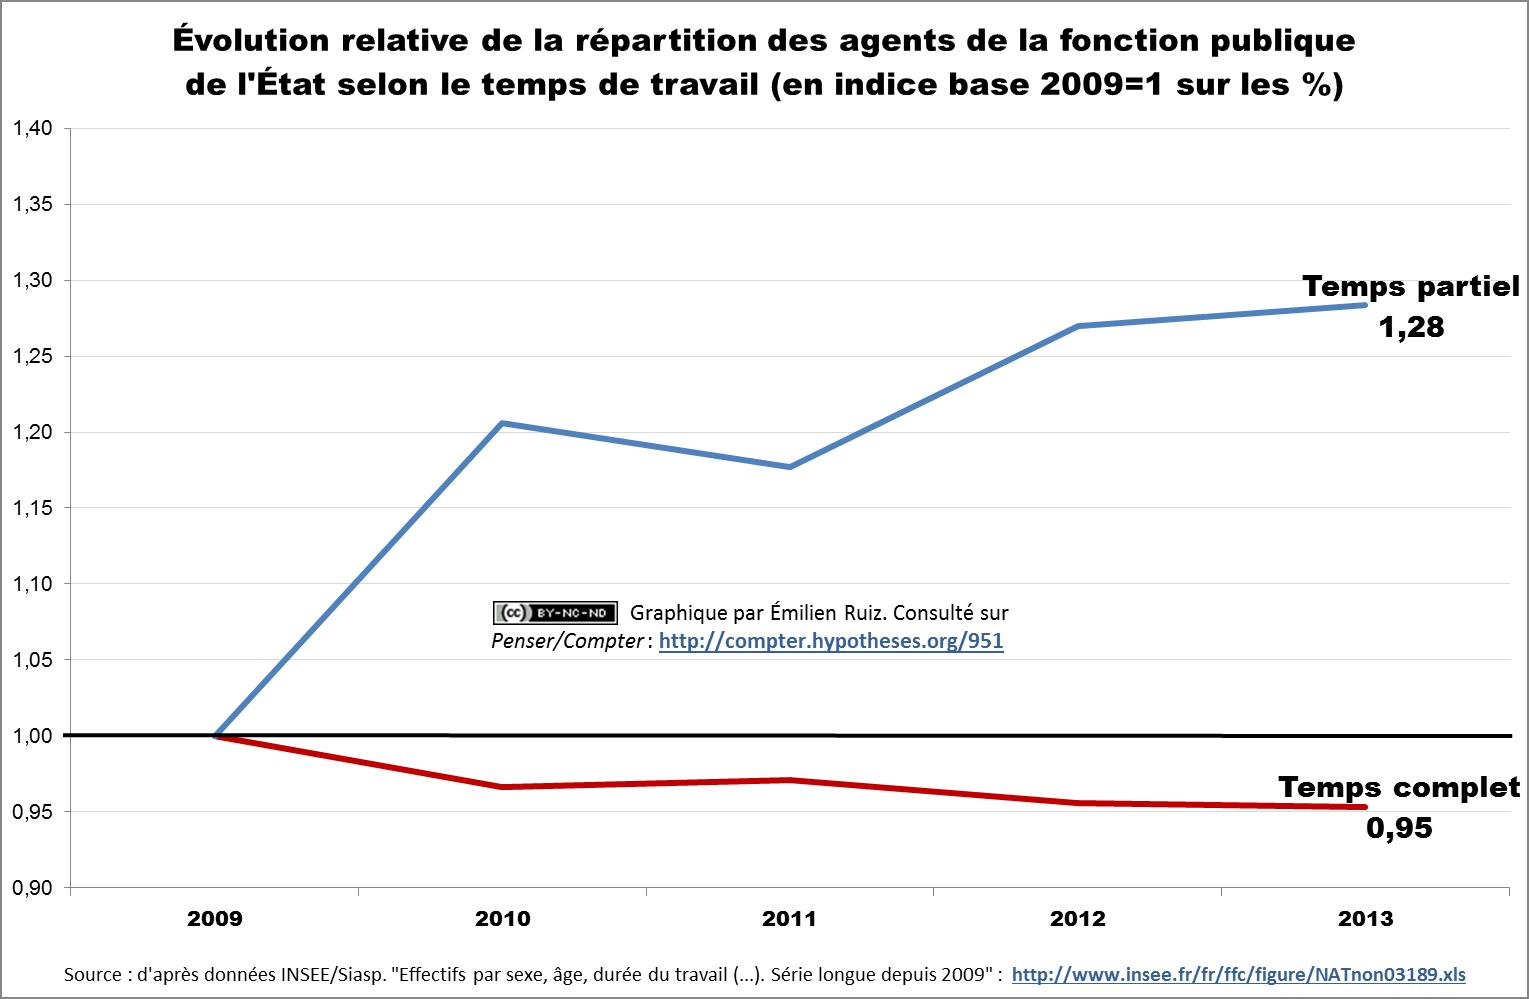 Évolution relative de la répartition des agents de la fonction publique de l'État selon le temps de travail (en indice base 2009=1 sur les %)